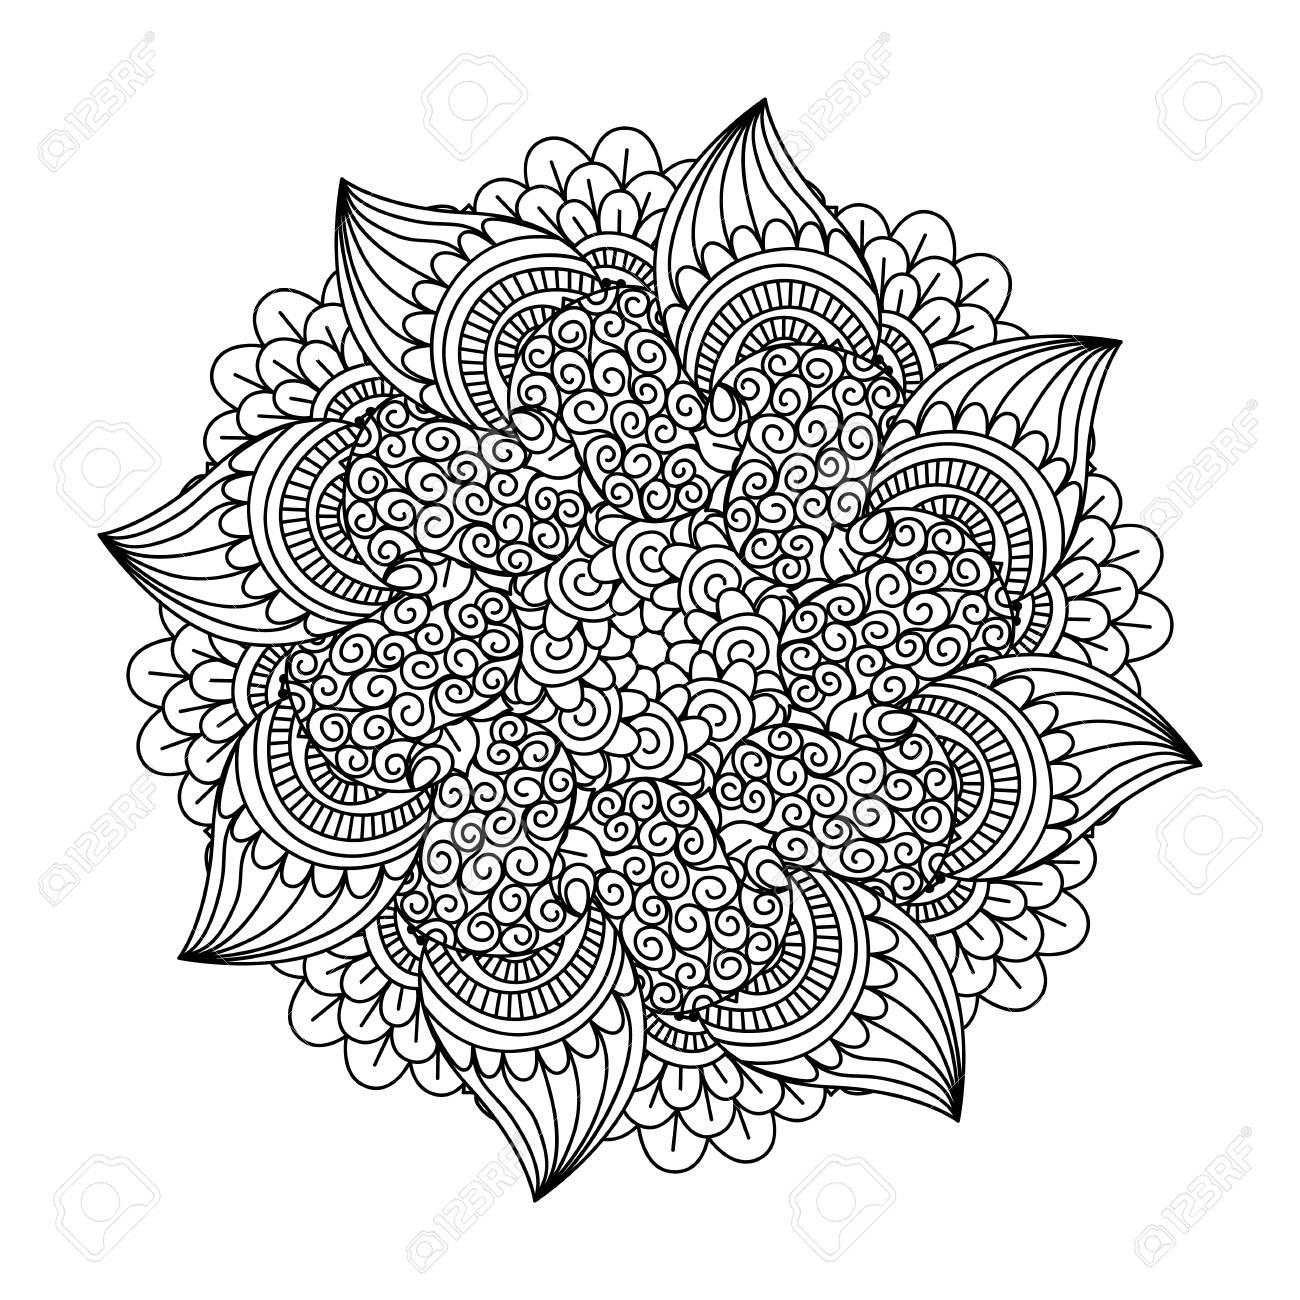 Elemento De La Ronda De Libro Para Colorear. Estampado De Flores ...